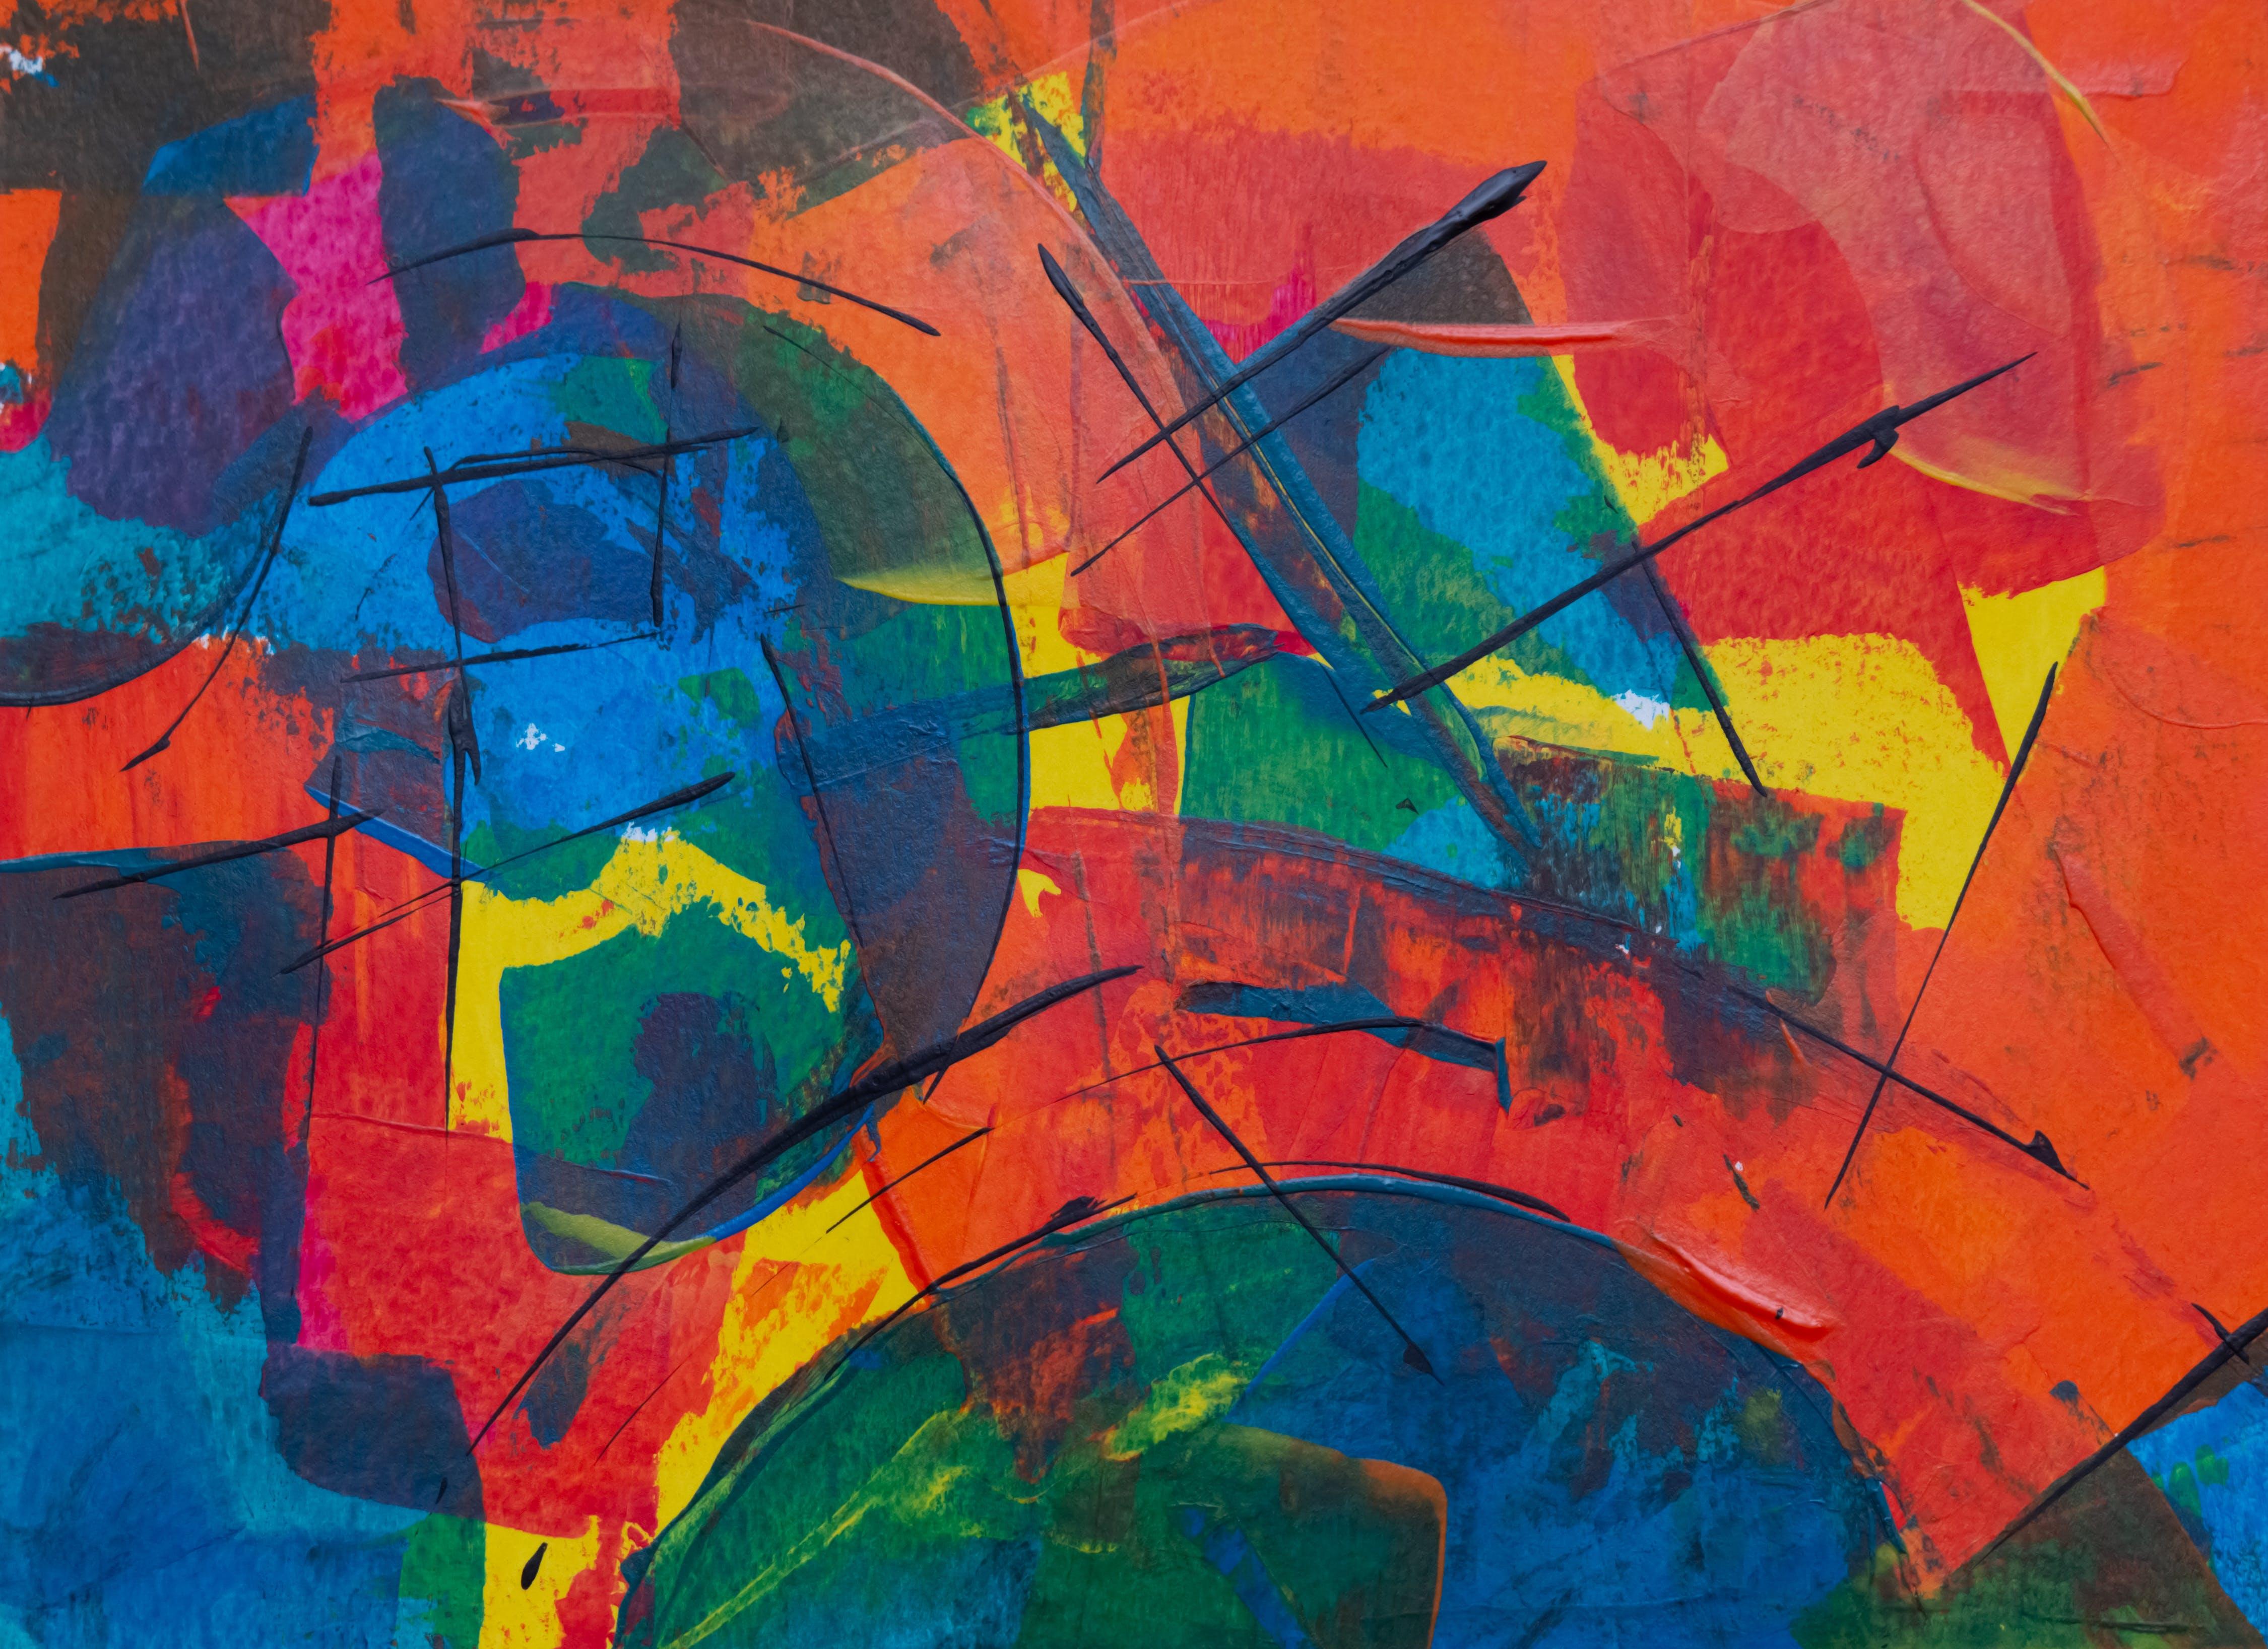 上色, 不同種類的, 丙烯酸塗料, 丙烯酸樹脂 的 免費圖庫相片